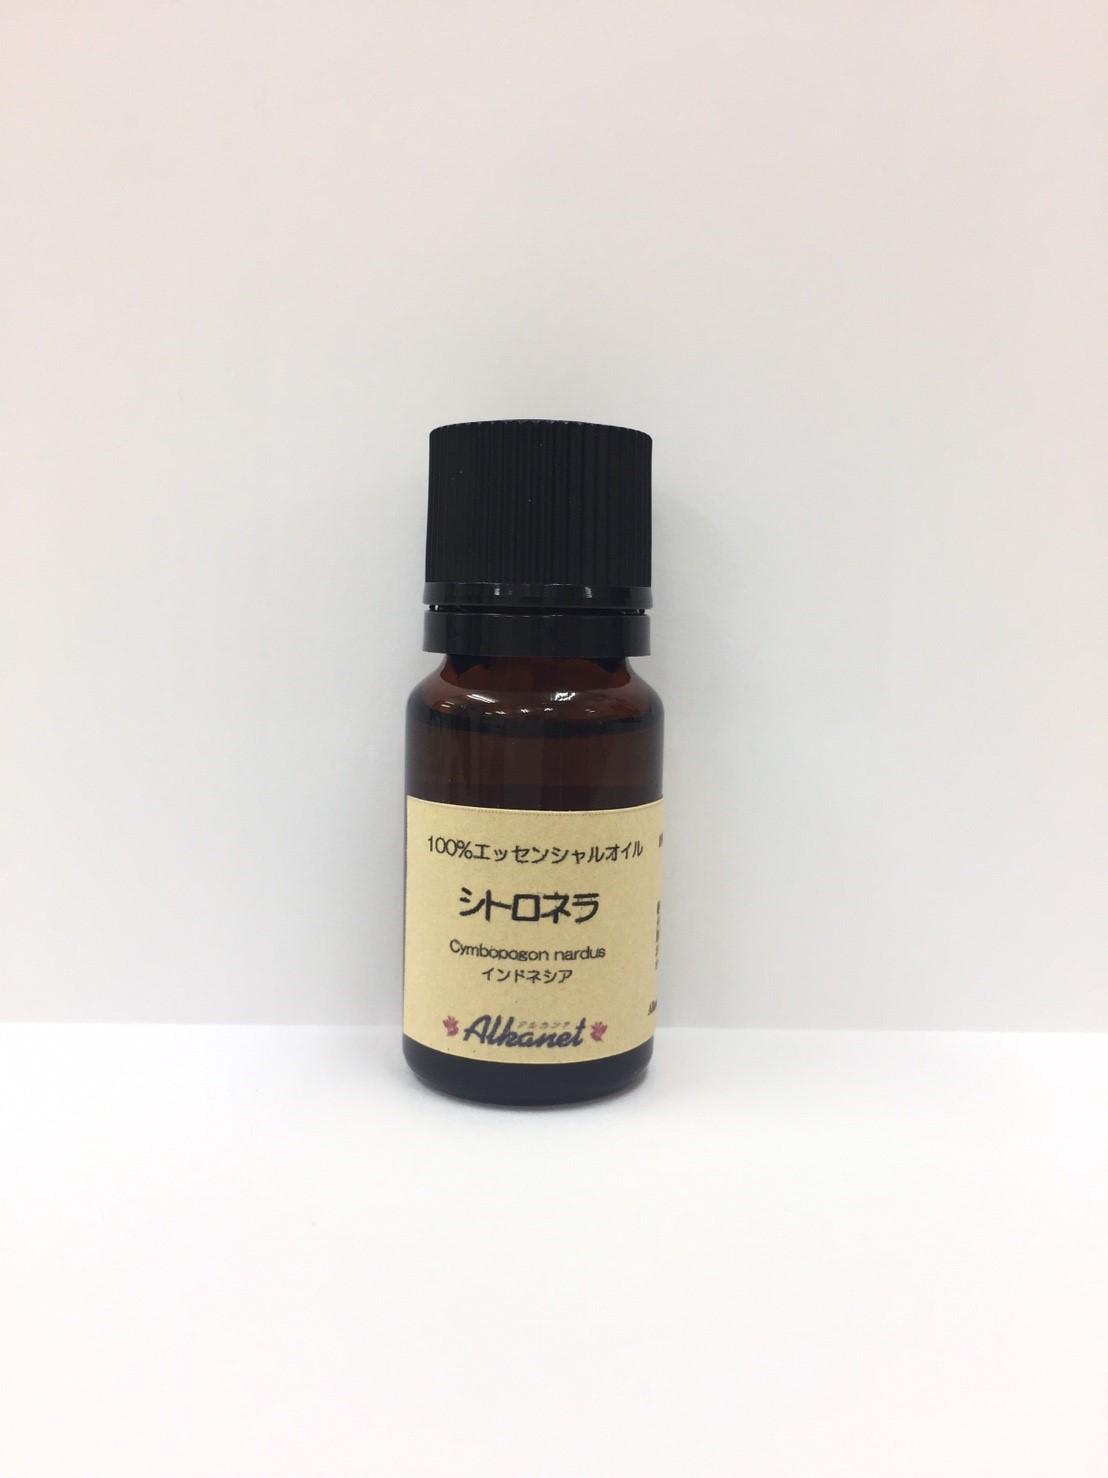 aroma_e-f-110-sh